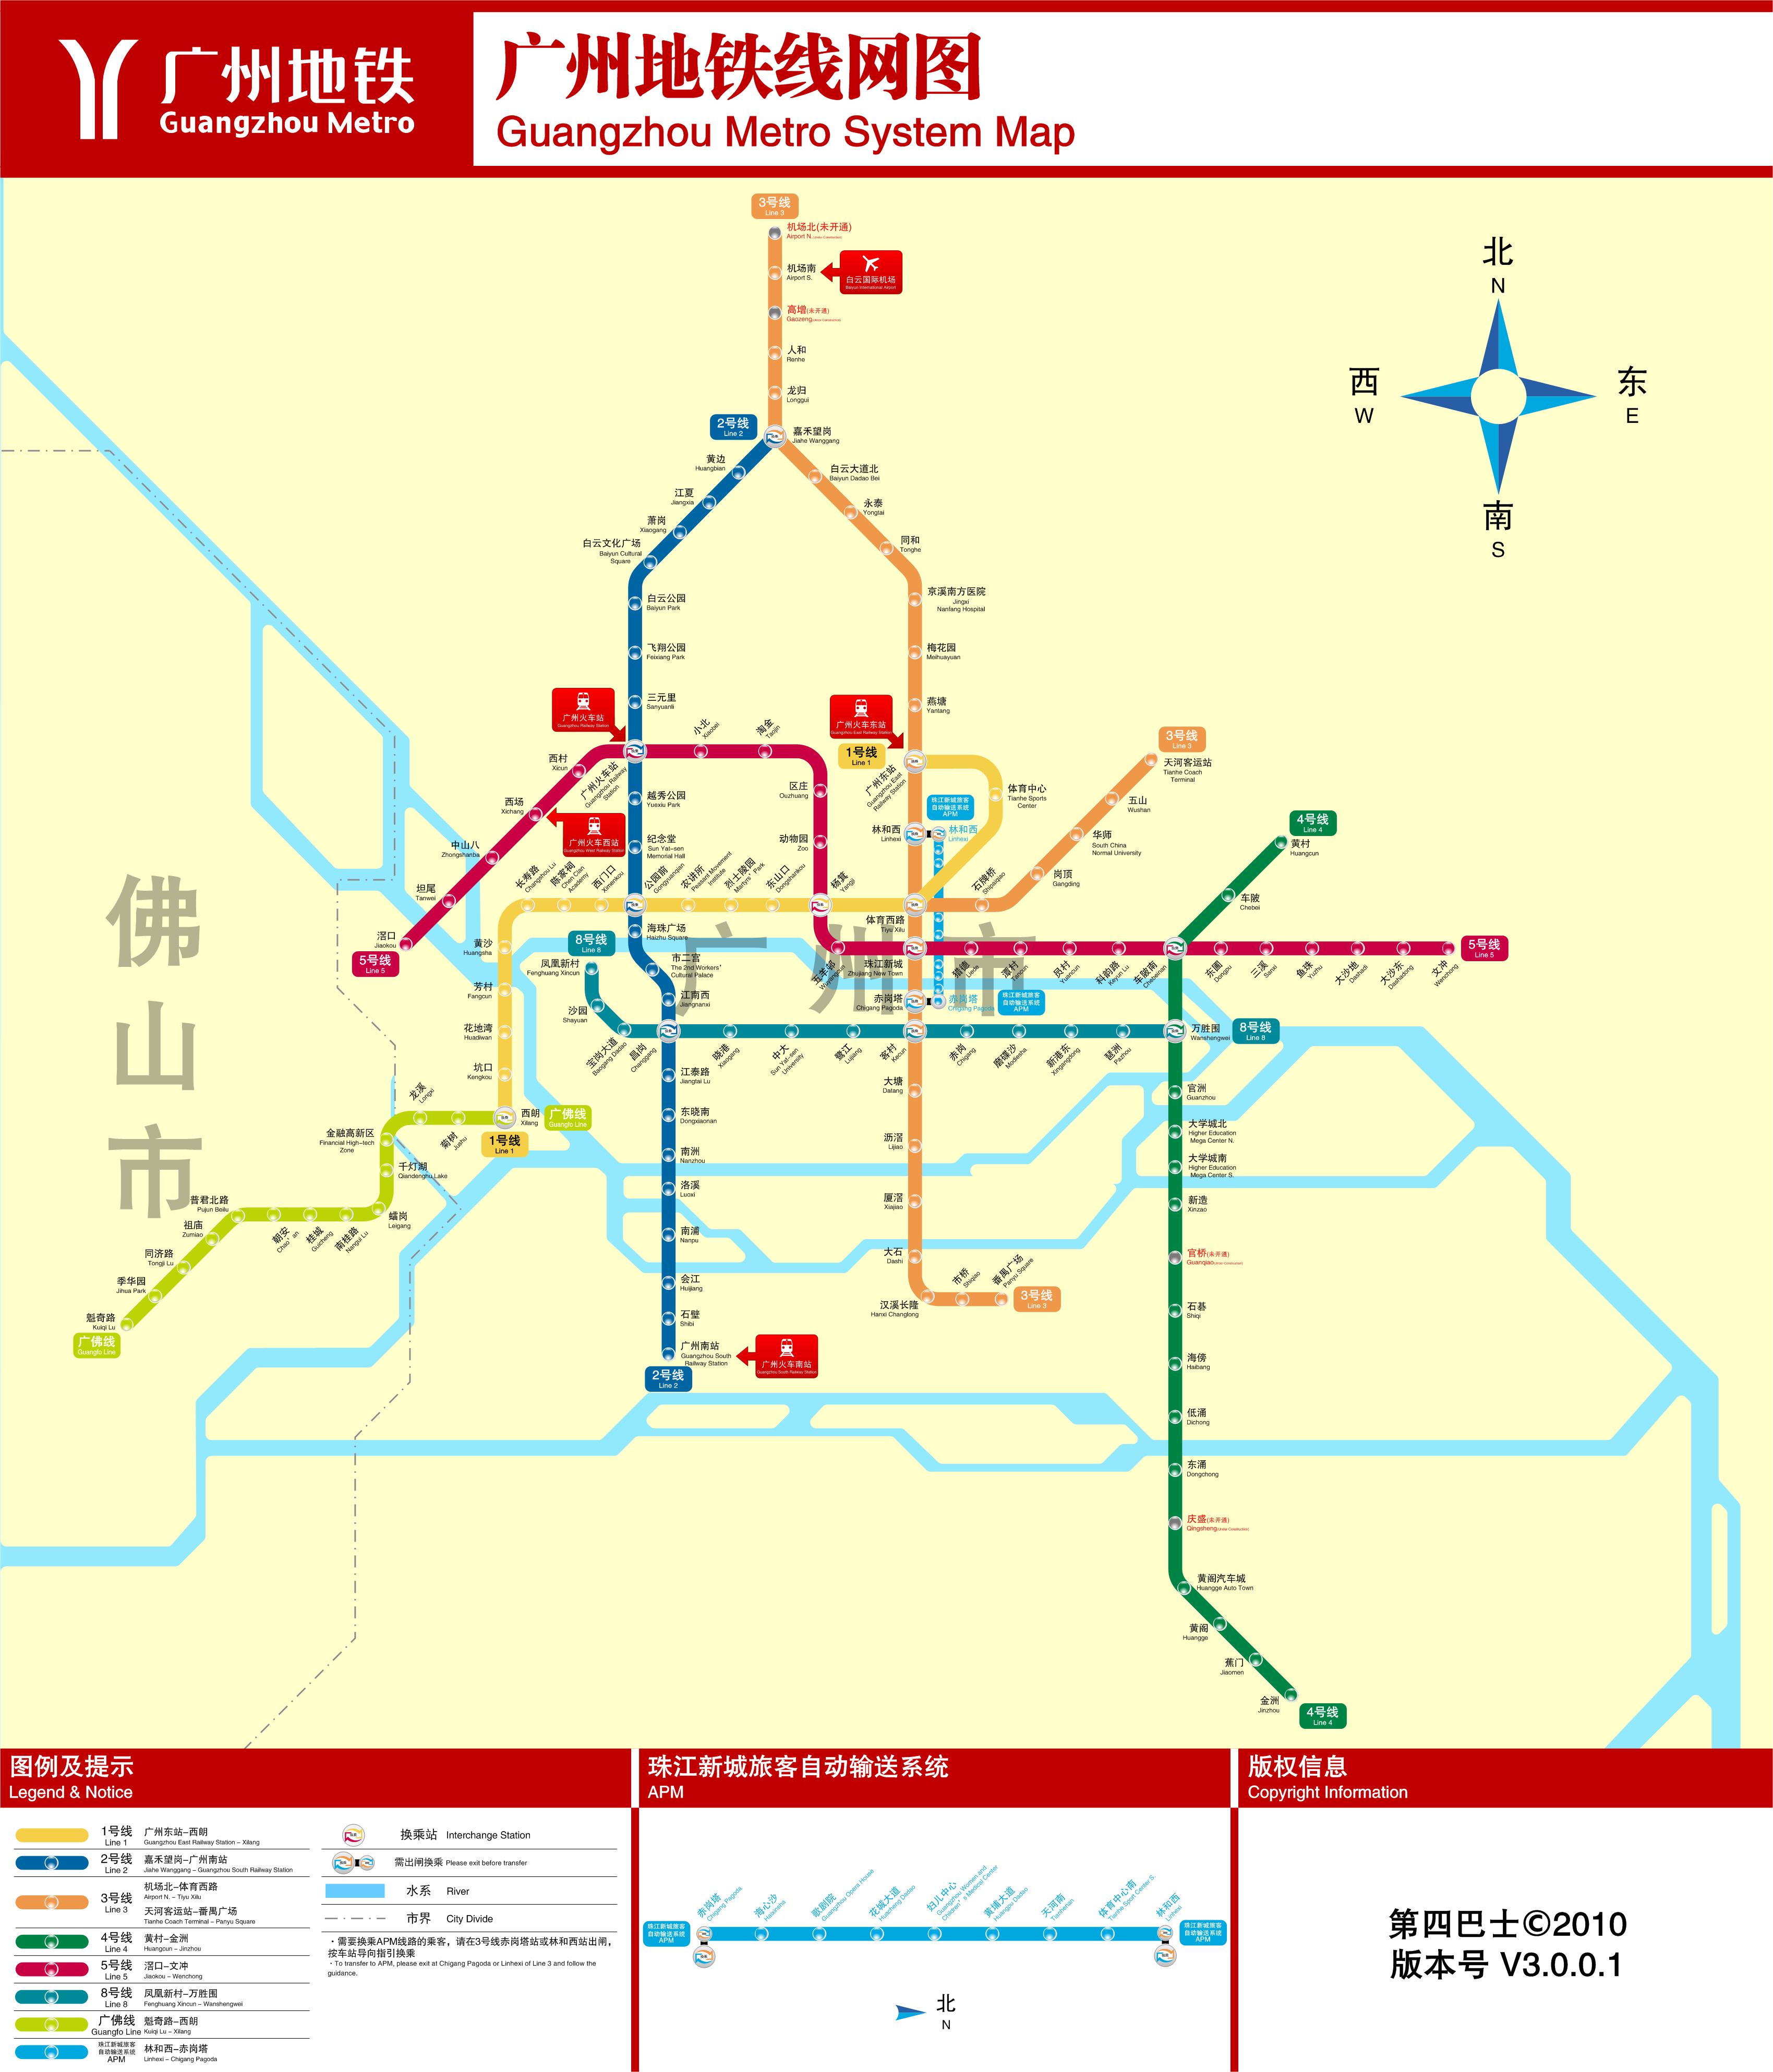 2010版线路图图片